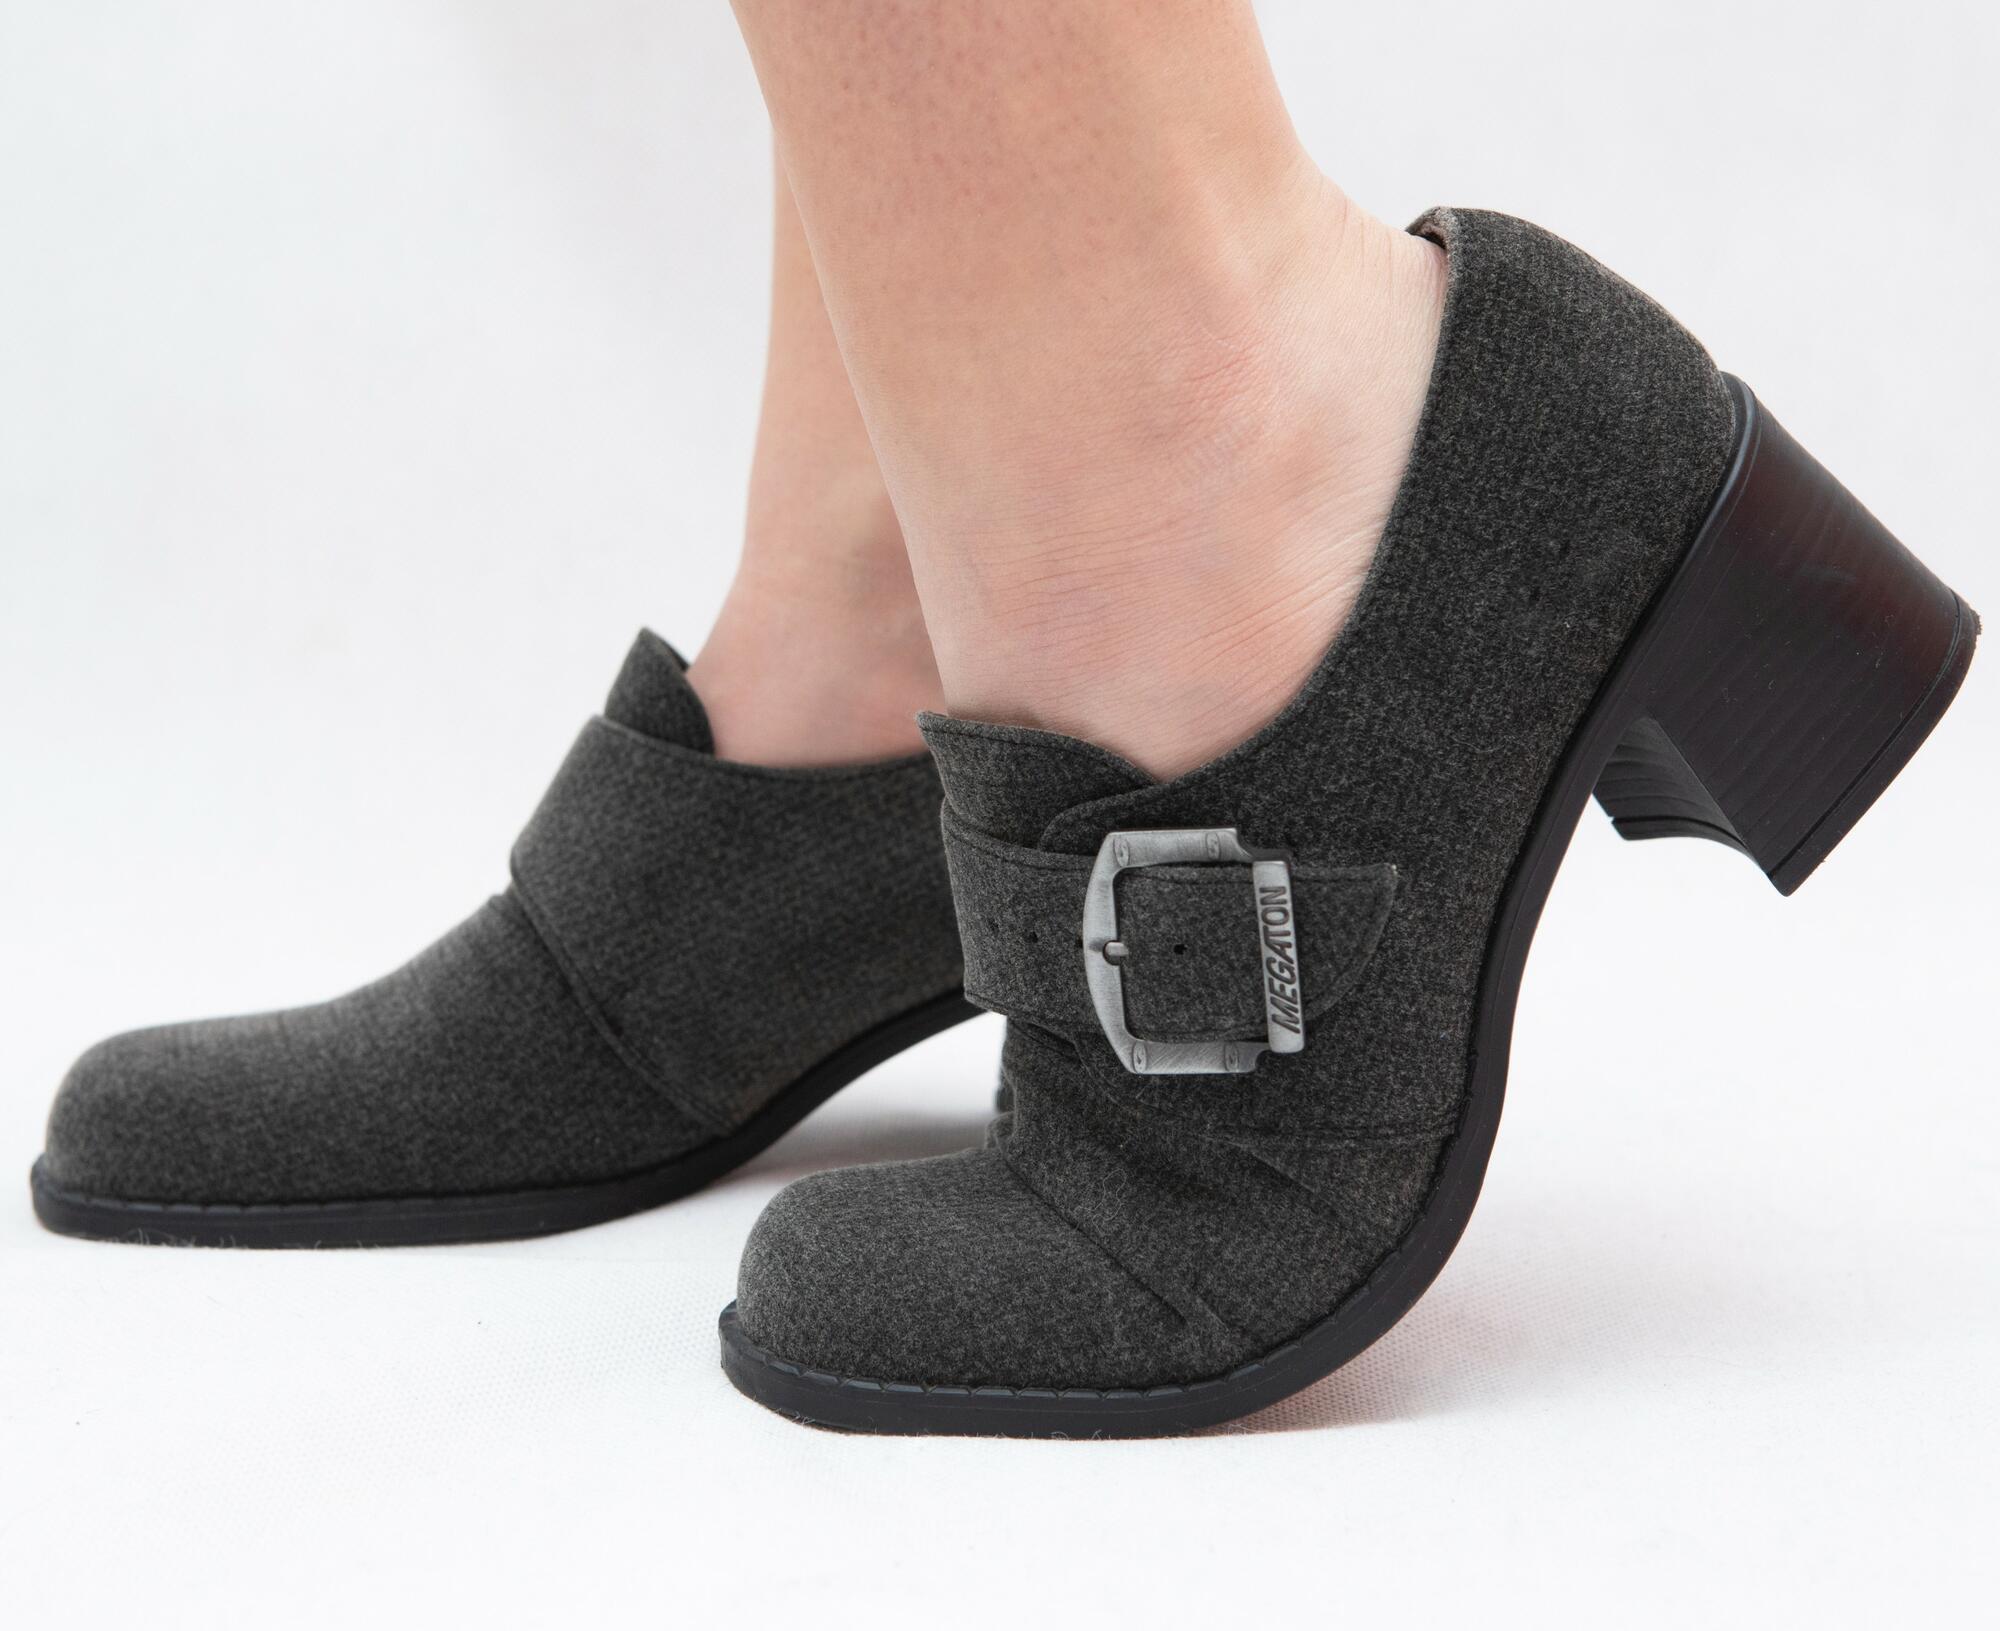 Szare buty z klamrą na klockowym obcasie r. 40 - KEX Vintage Store | JestemSlow.pl